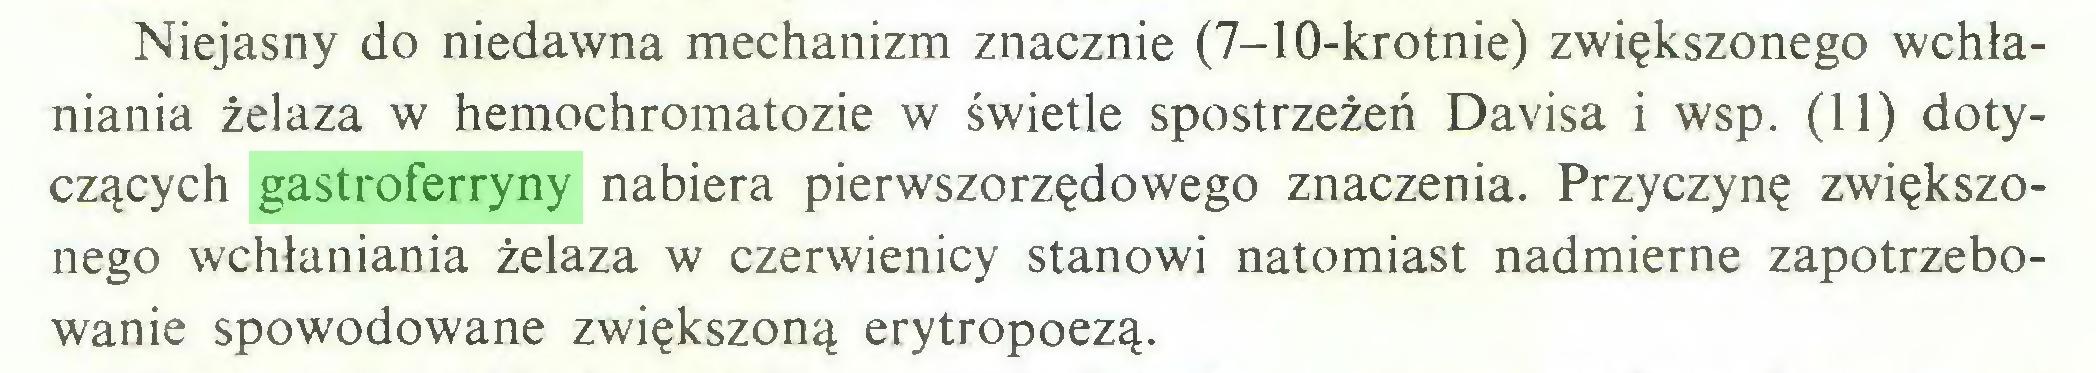 (...) Niejasny do niedawna mechanizm znacznie (7-10-krotnie) zwiększonego wchłaniania żelaza w hemochromatozie w świetle spostrzeżeń Davisa i wsp. (11) dotyczących gastroferryny nabiera pierwszorzędowego znaczenia. Przyczynę zwiększonego wchłaniania żelaza w czerwienicy stanowi natomiast nadmierne zapotrzebowanie spowodowane zwiększoną erytropoezą...